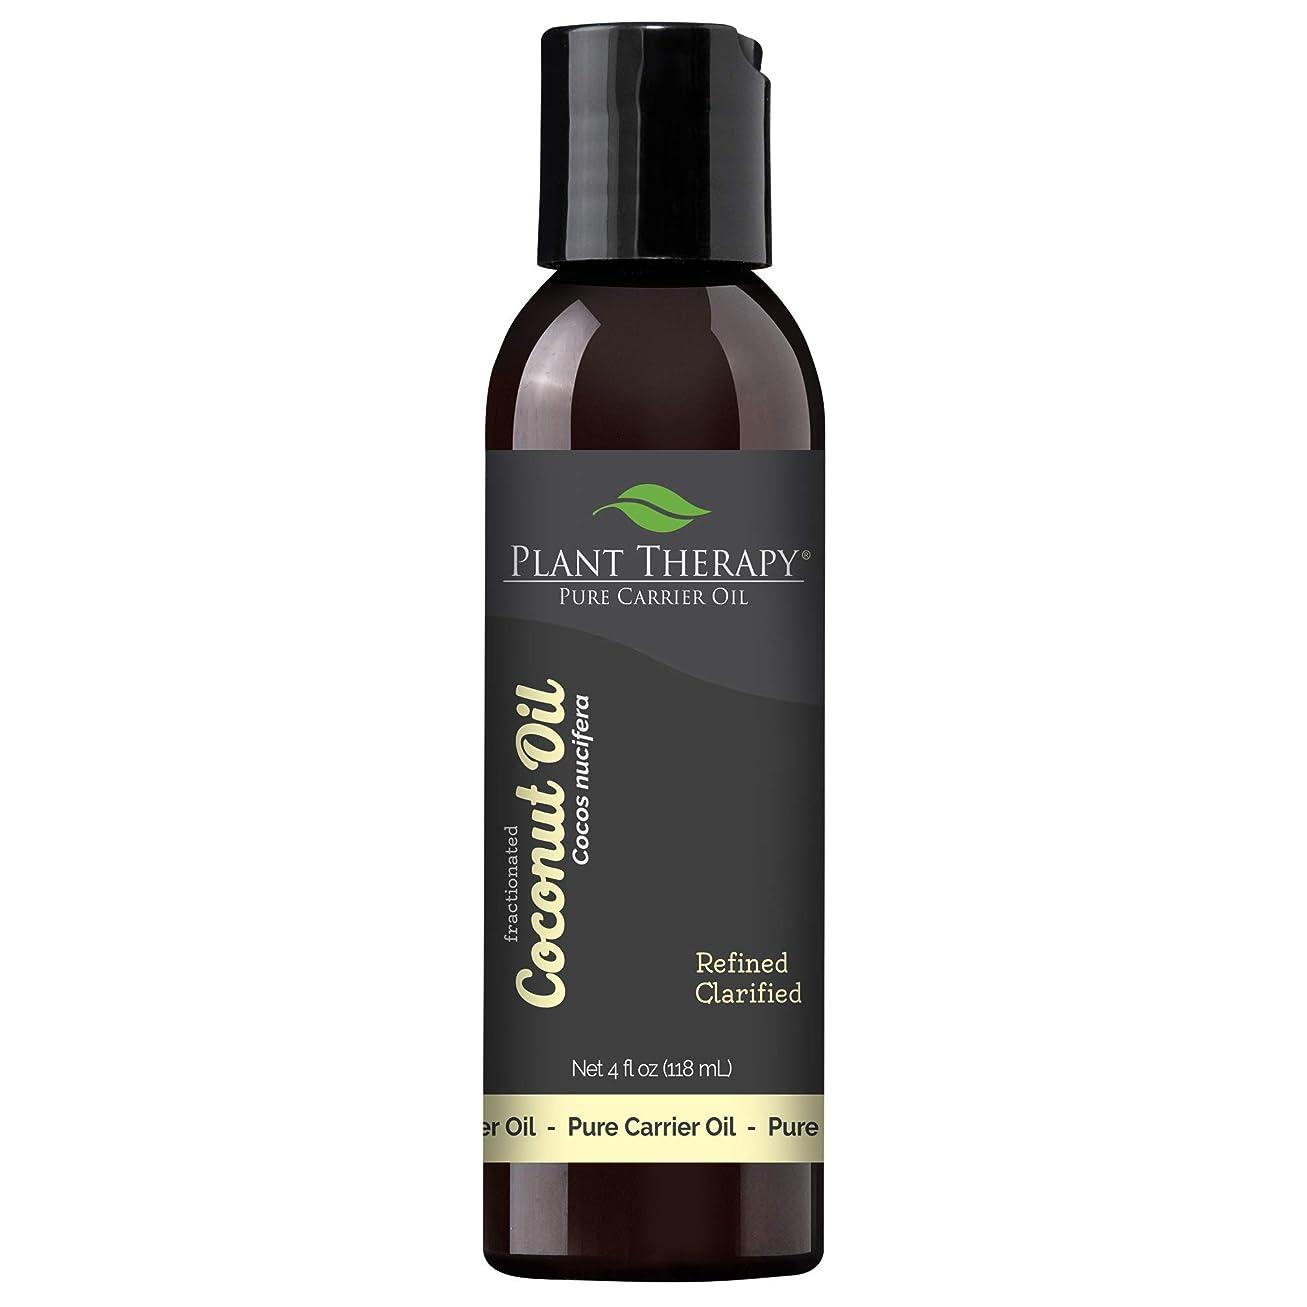 辛い年金仕立て屋Plant Therapy Essential Oils (プラントセラピー エッセンシャルオイル) ココナッツ (分別蒸留) 4 オンス キャリアオイル